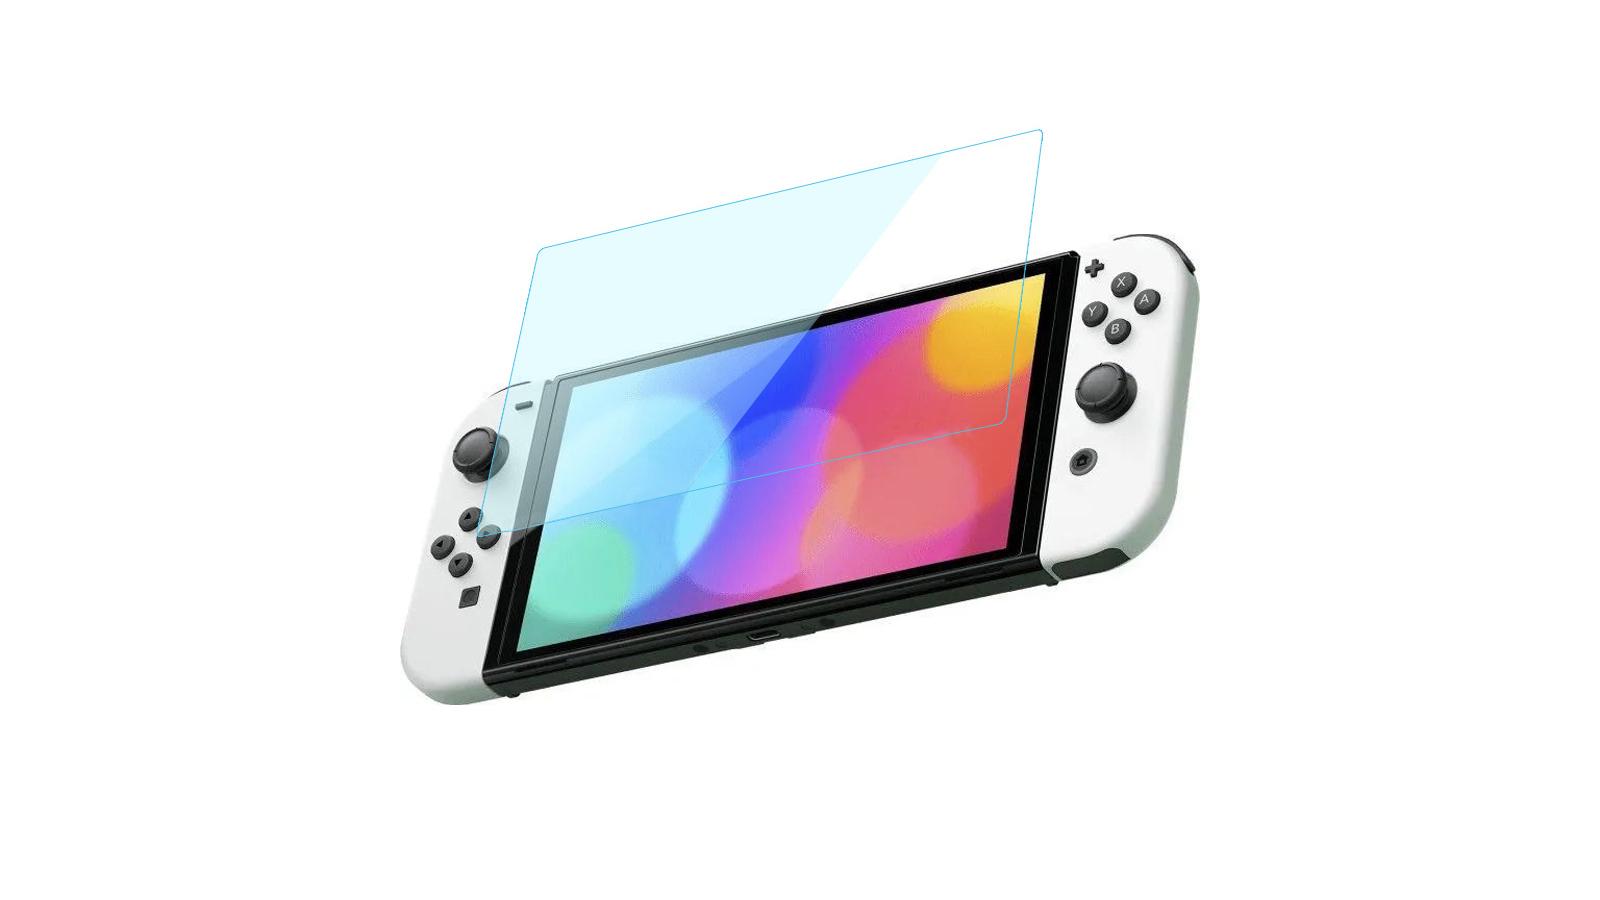 מגן מסך לקונסולת Nintendo Switch (דגם OLED)